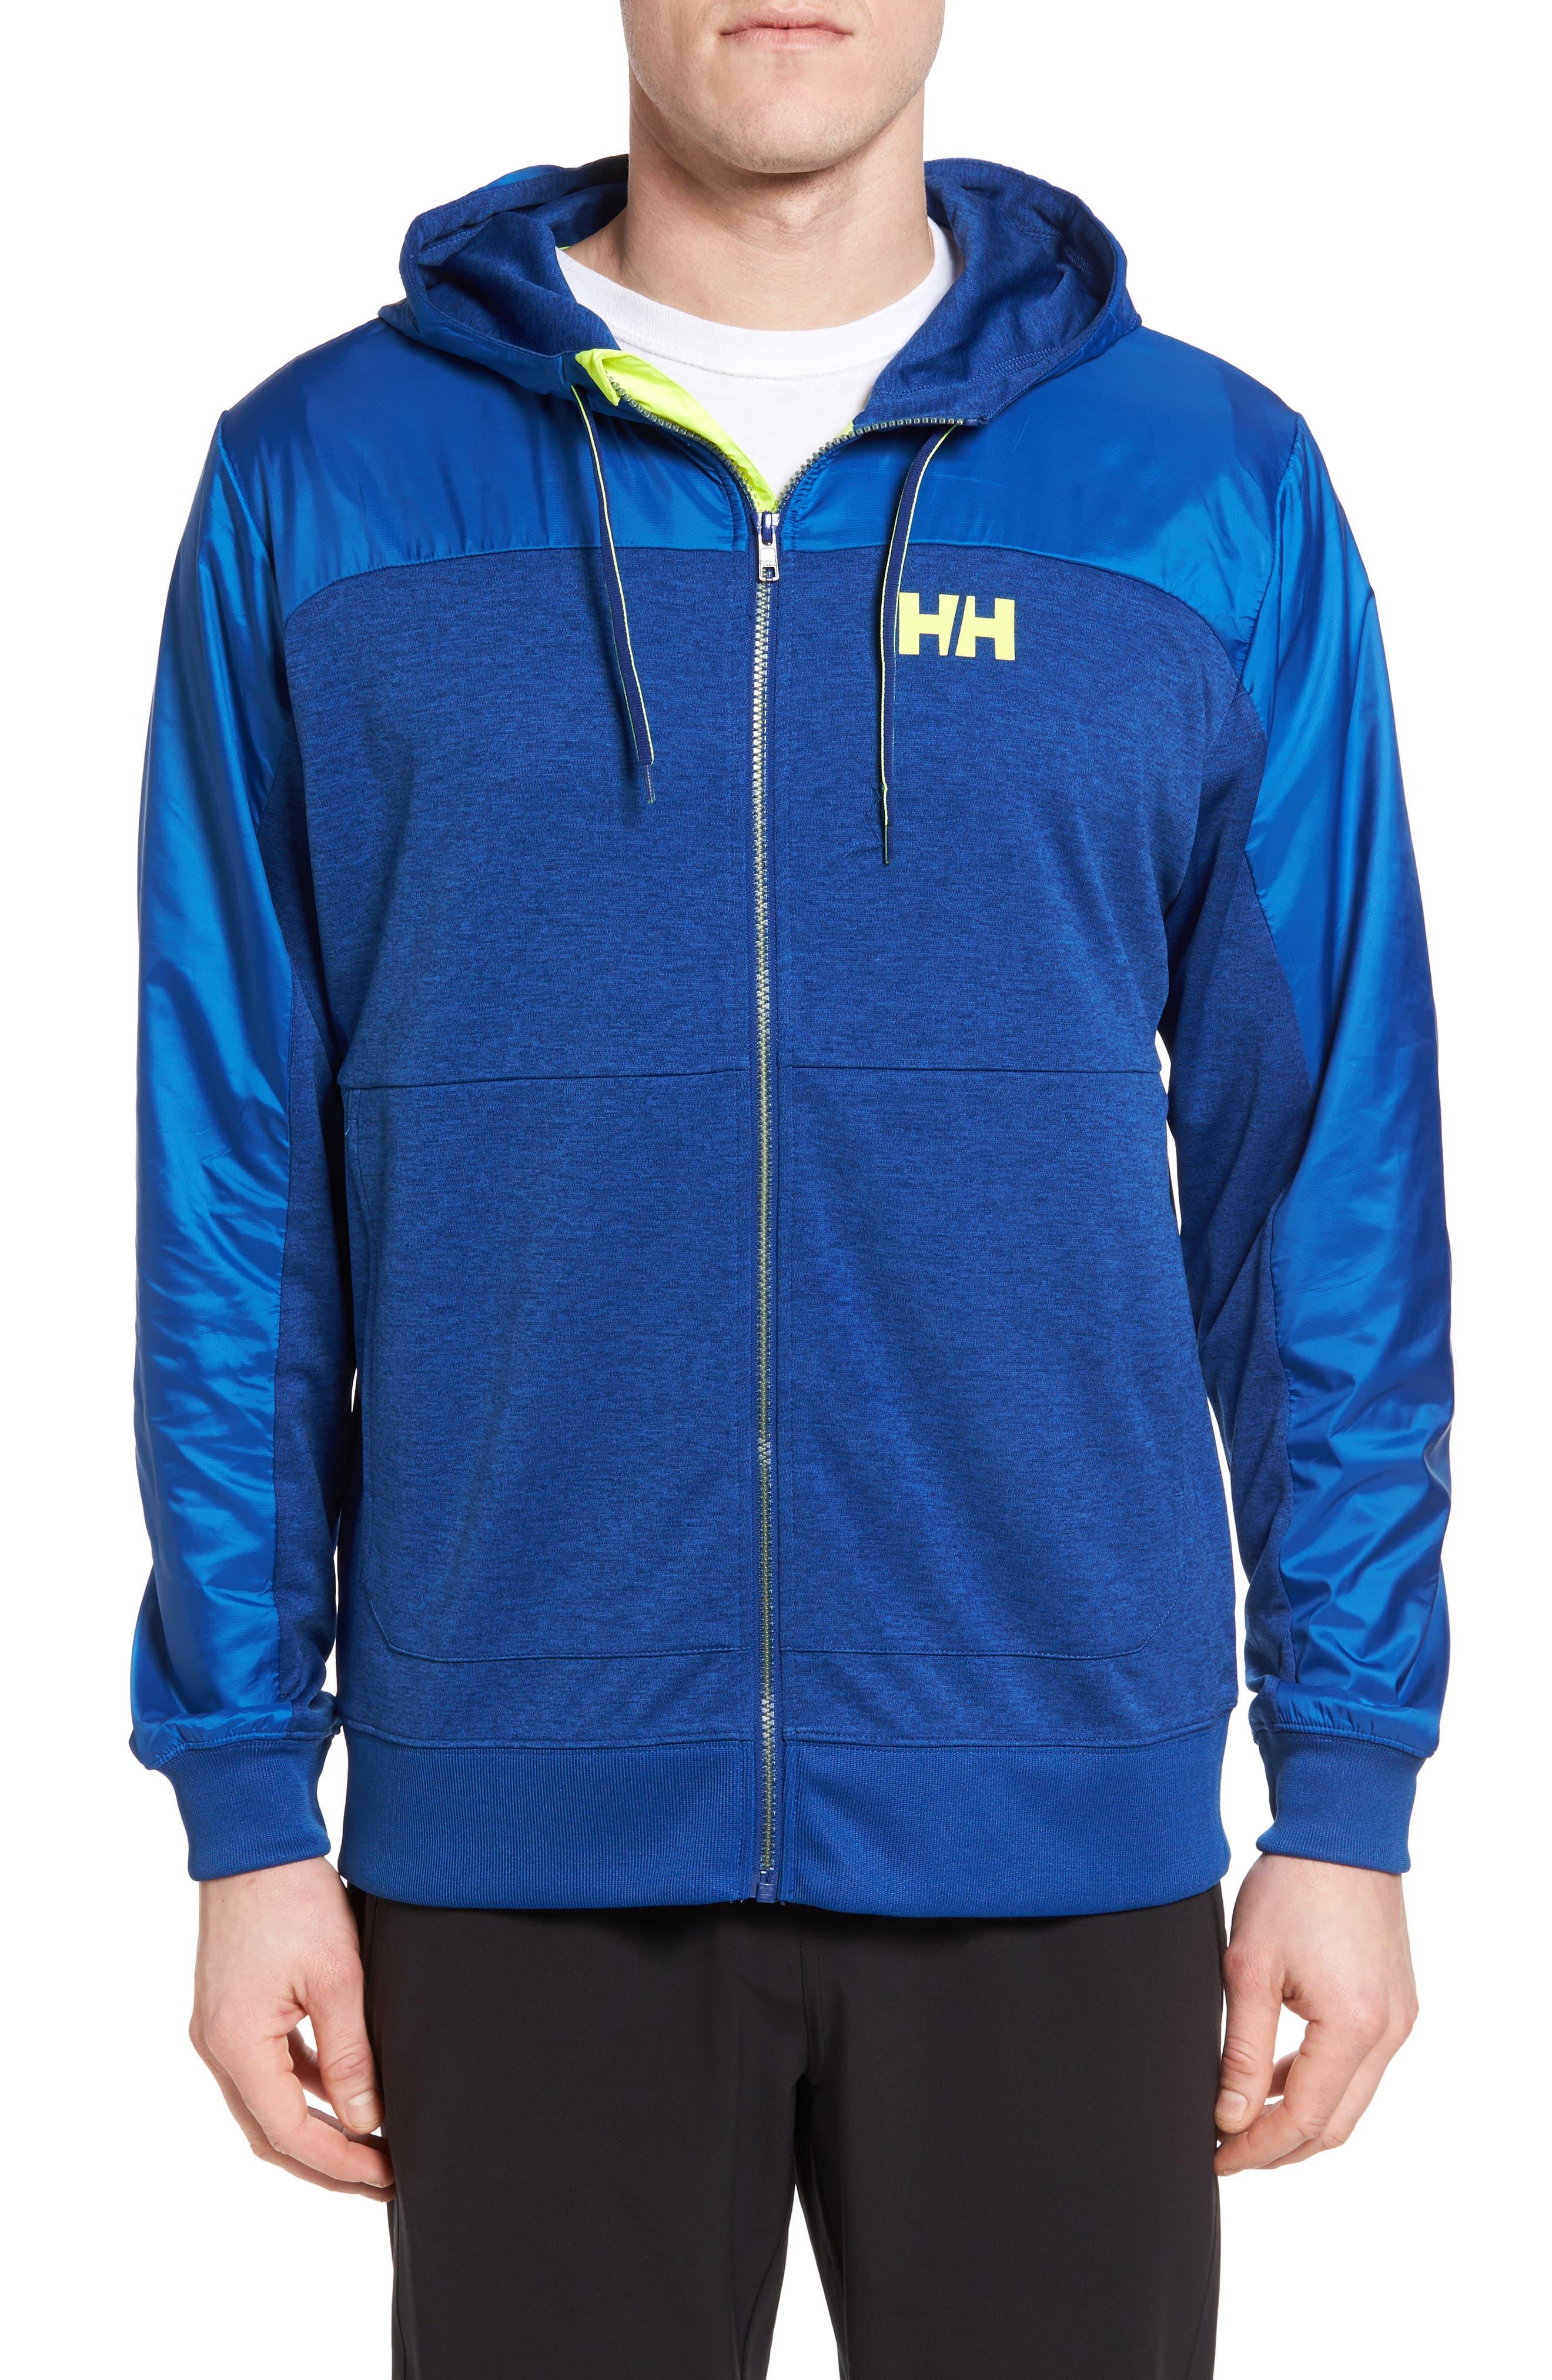 Raido Hooded Jacket,                             Main thumbnail 1, color,                             Sodalite Blue